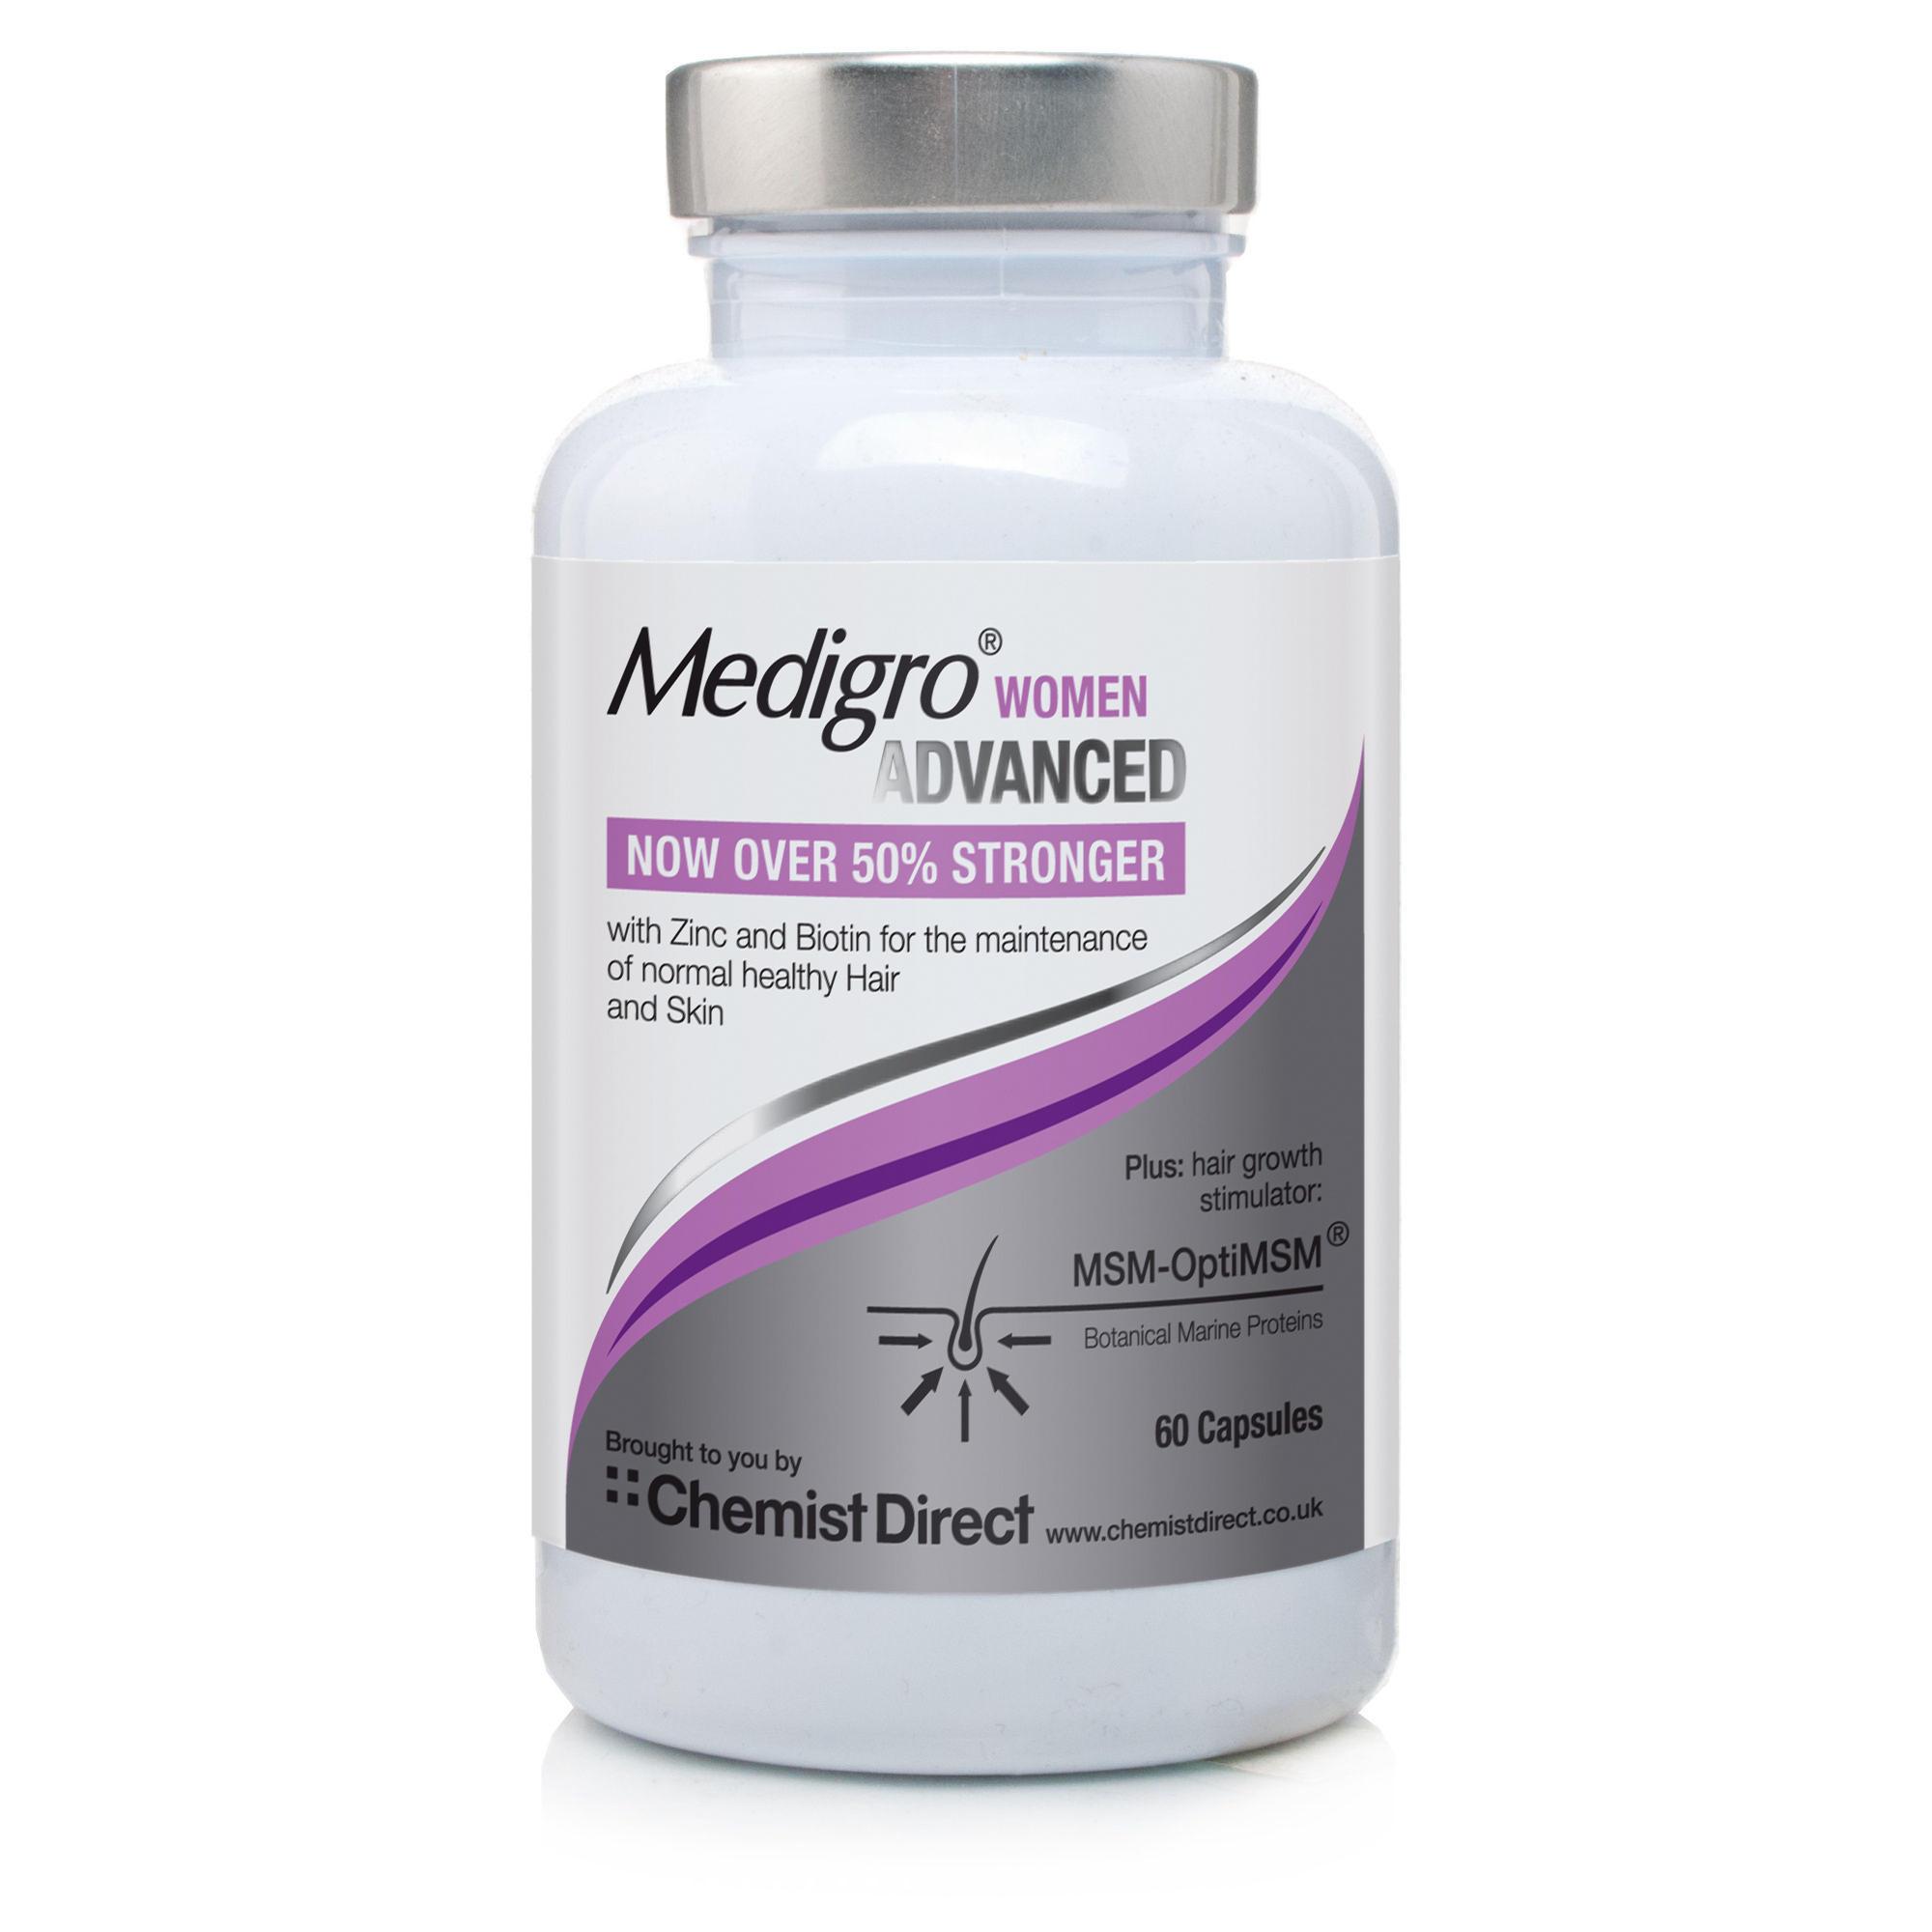 MediGro Advanced Hair Supplement Treatment for Women